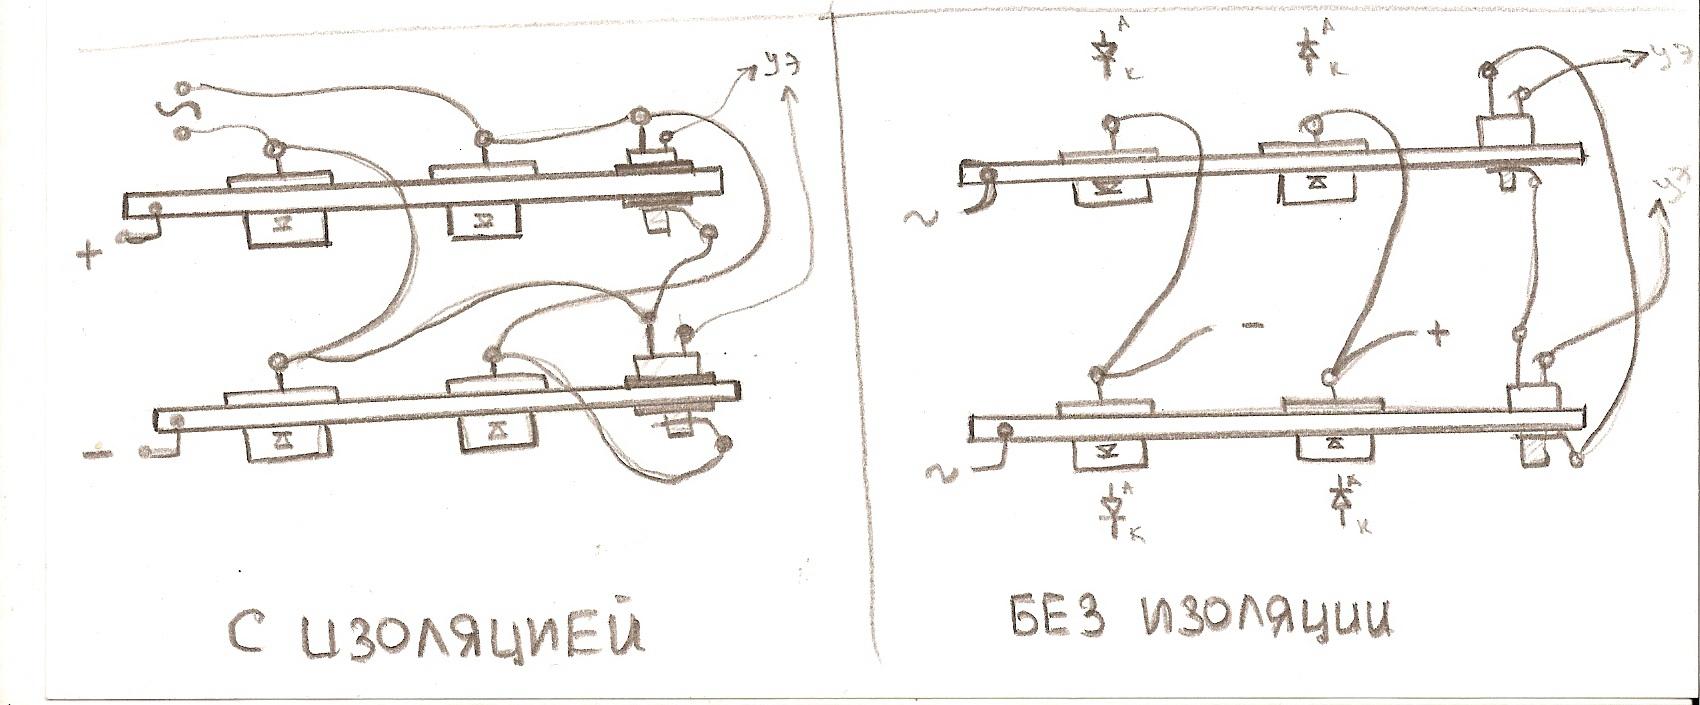 инструкция по эксплуатации для восхода м3